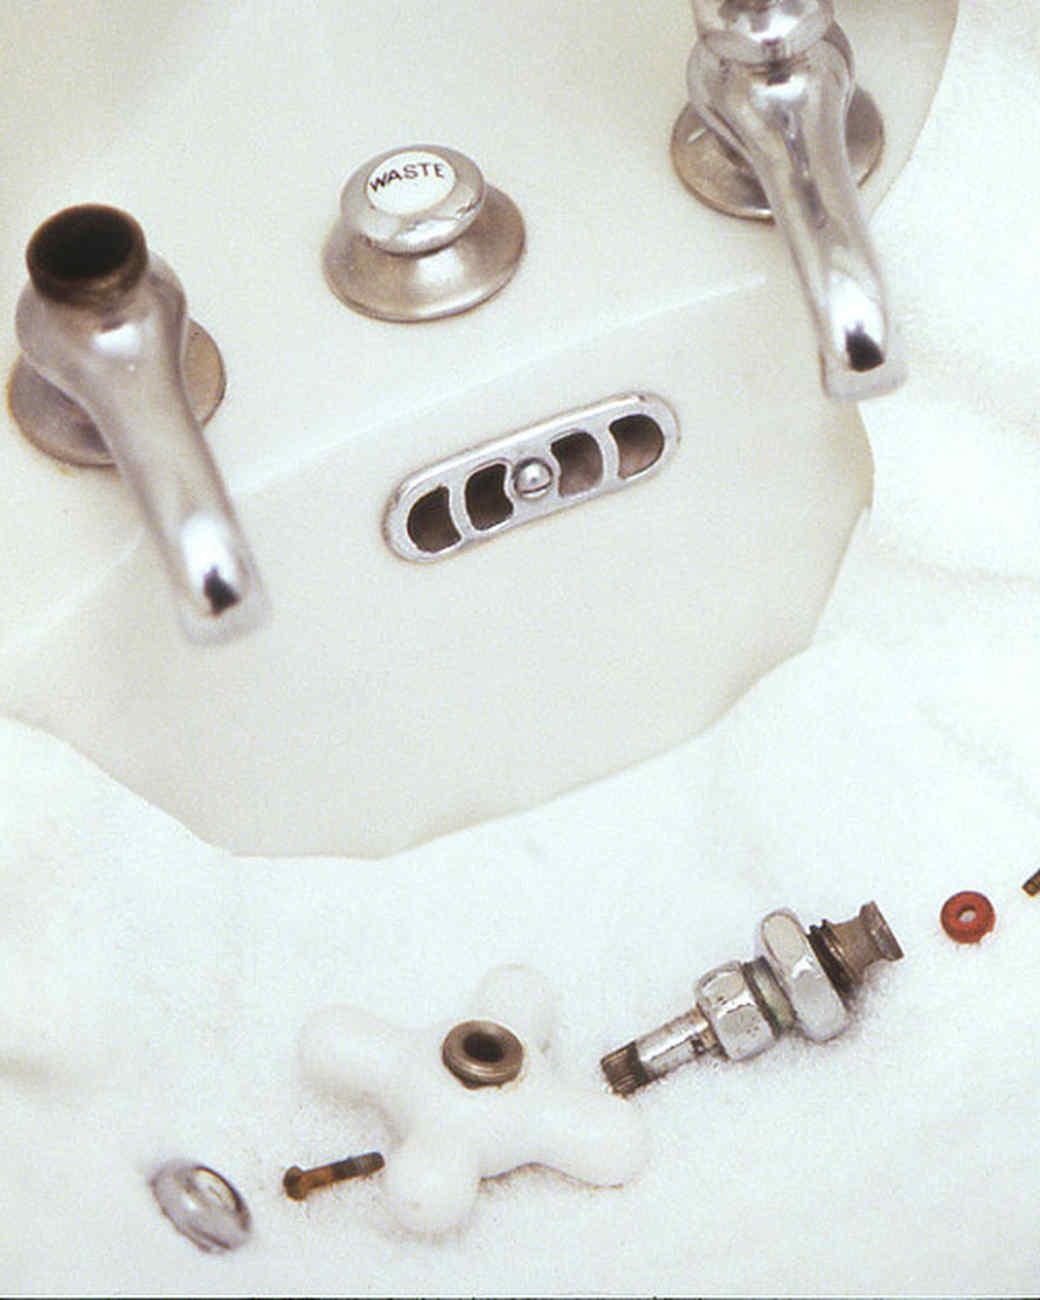 Shower Towel Broke: How To Fix Plumbing Problems